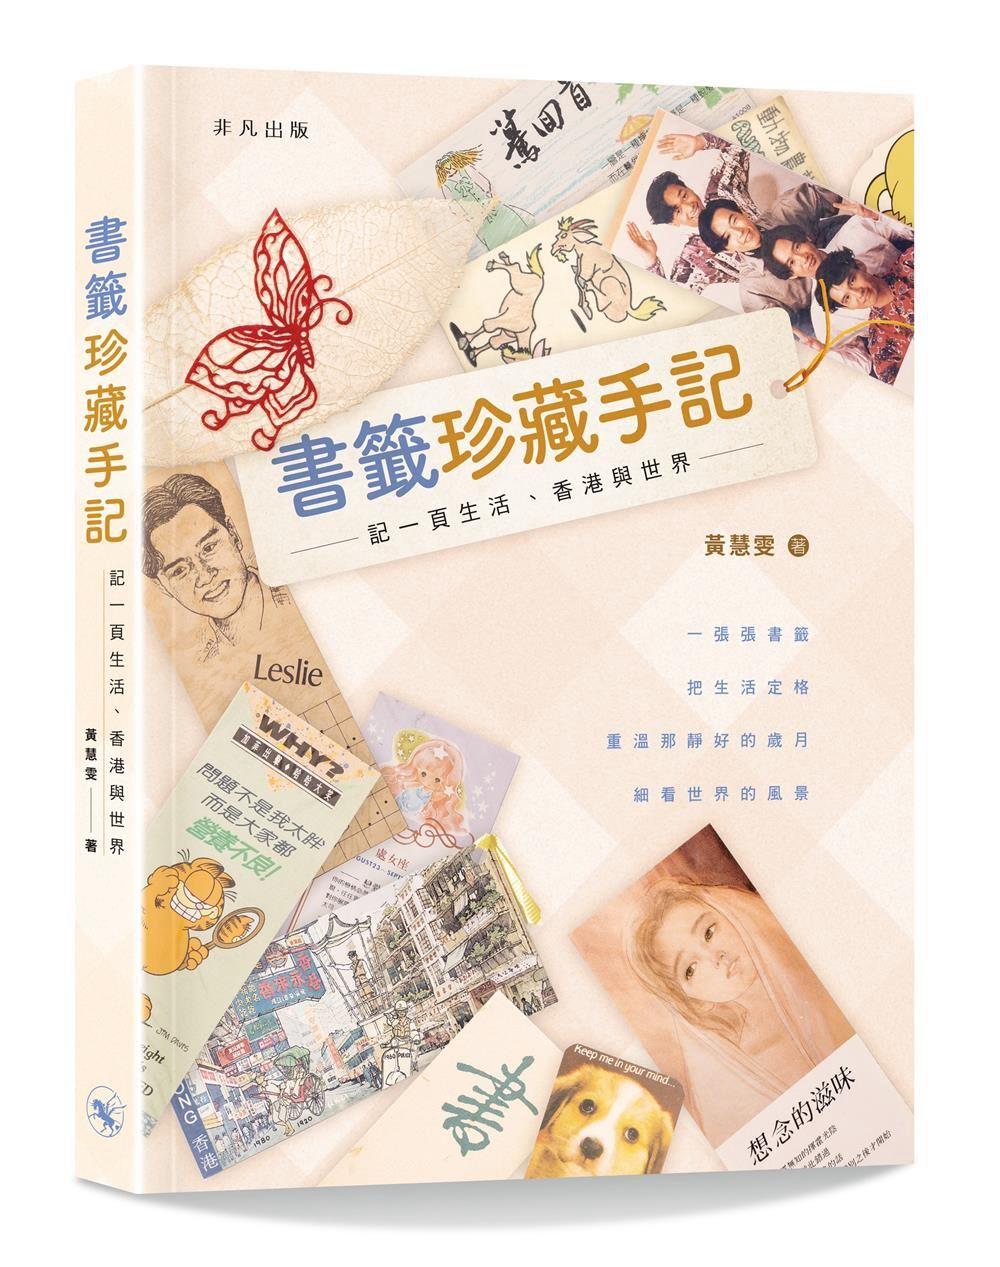 書籤珍藏手記:記一頁生活、香港...